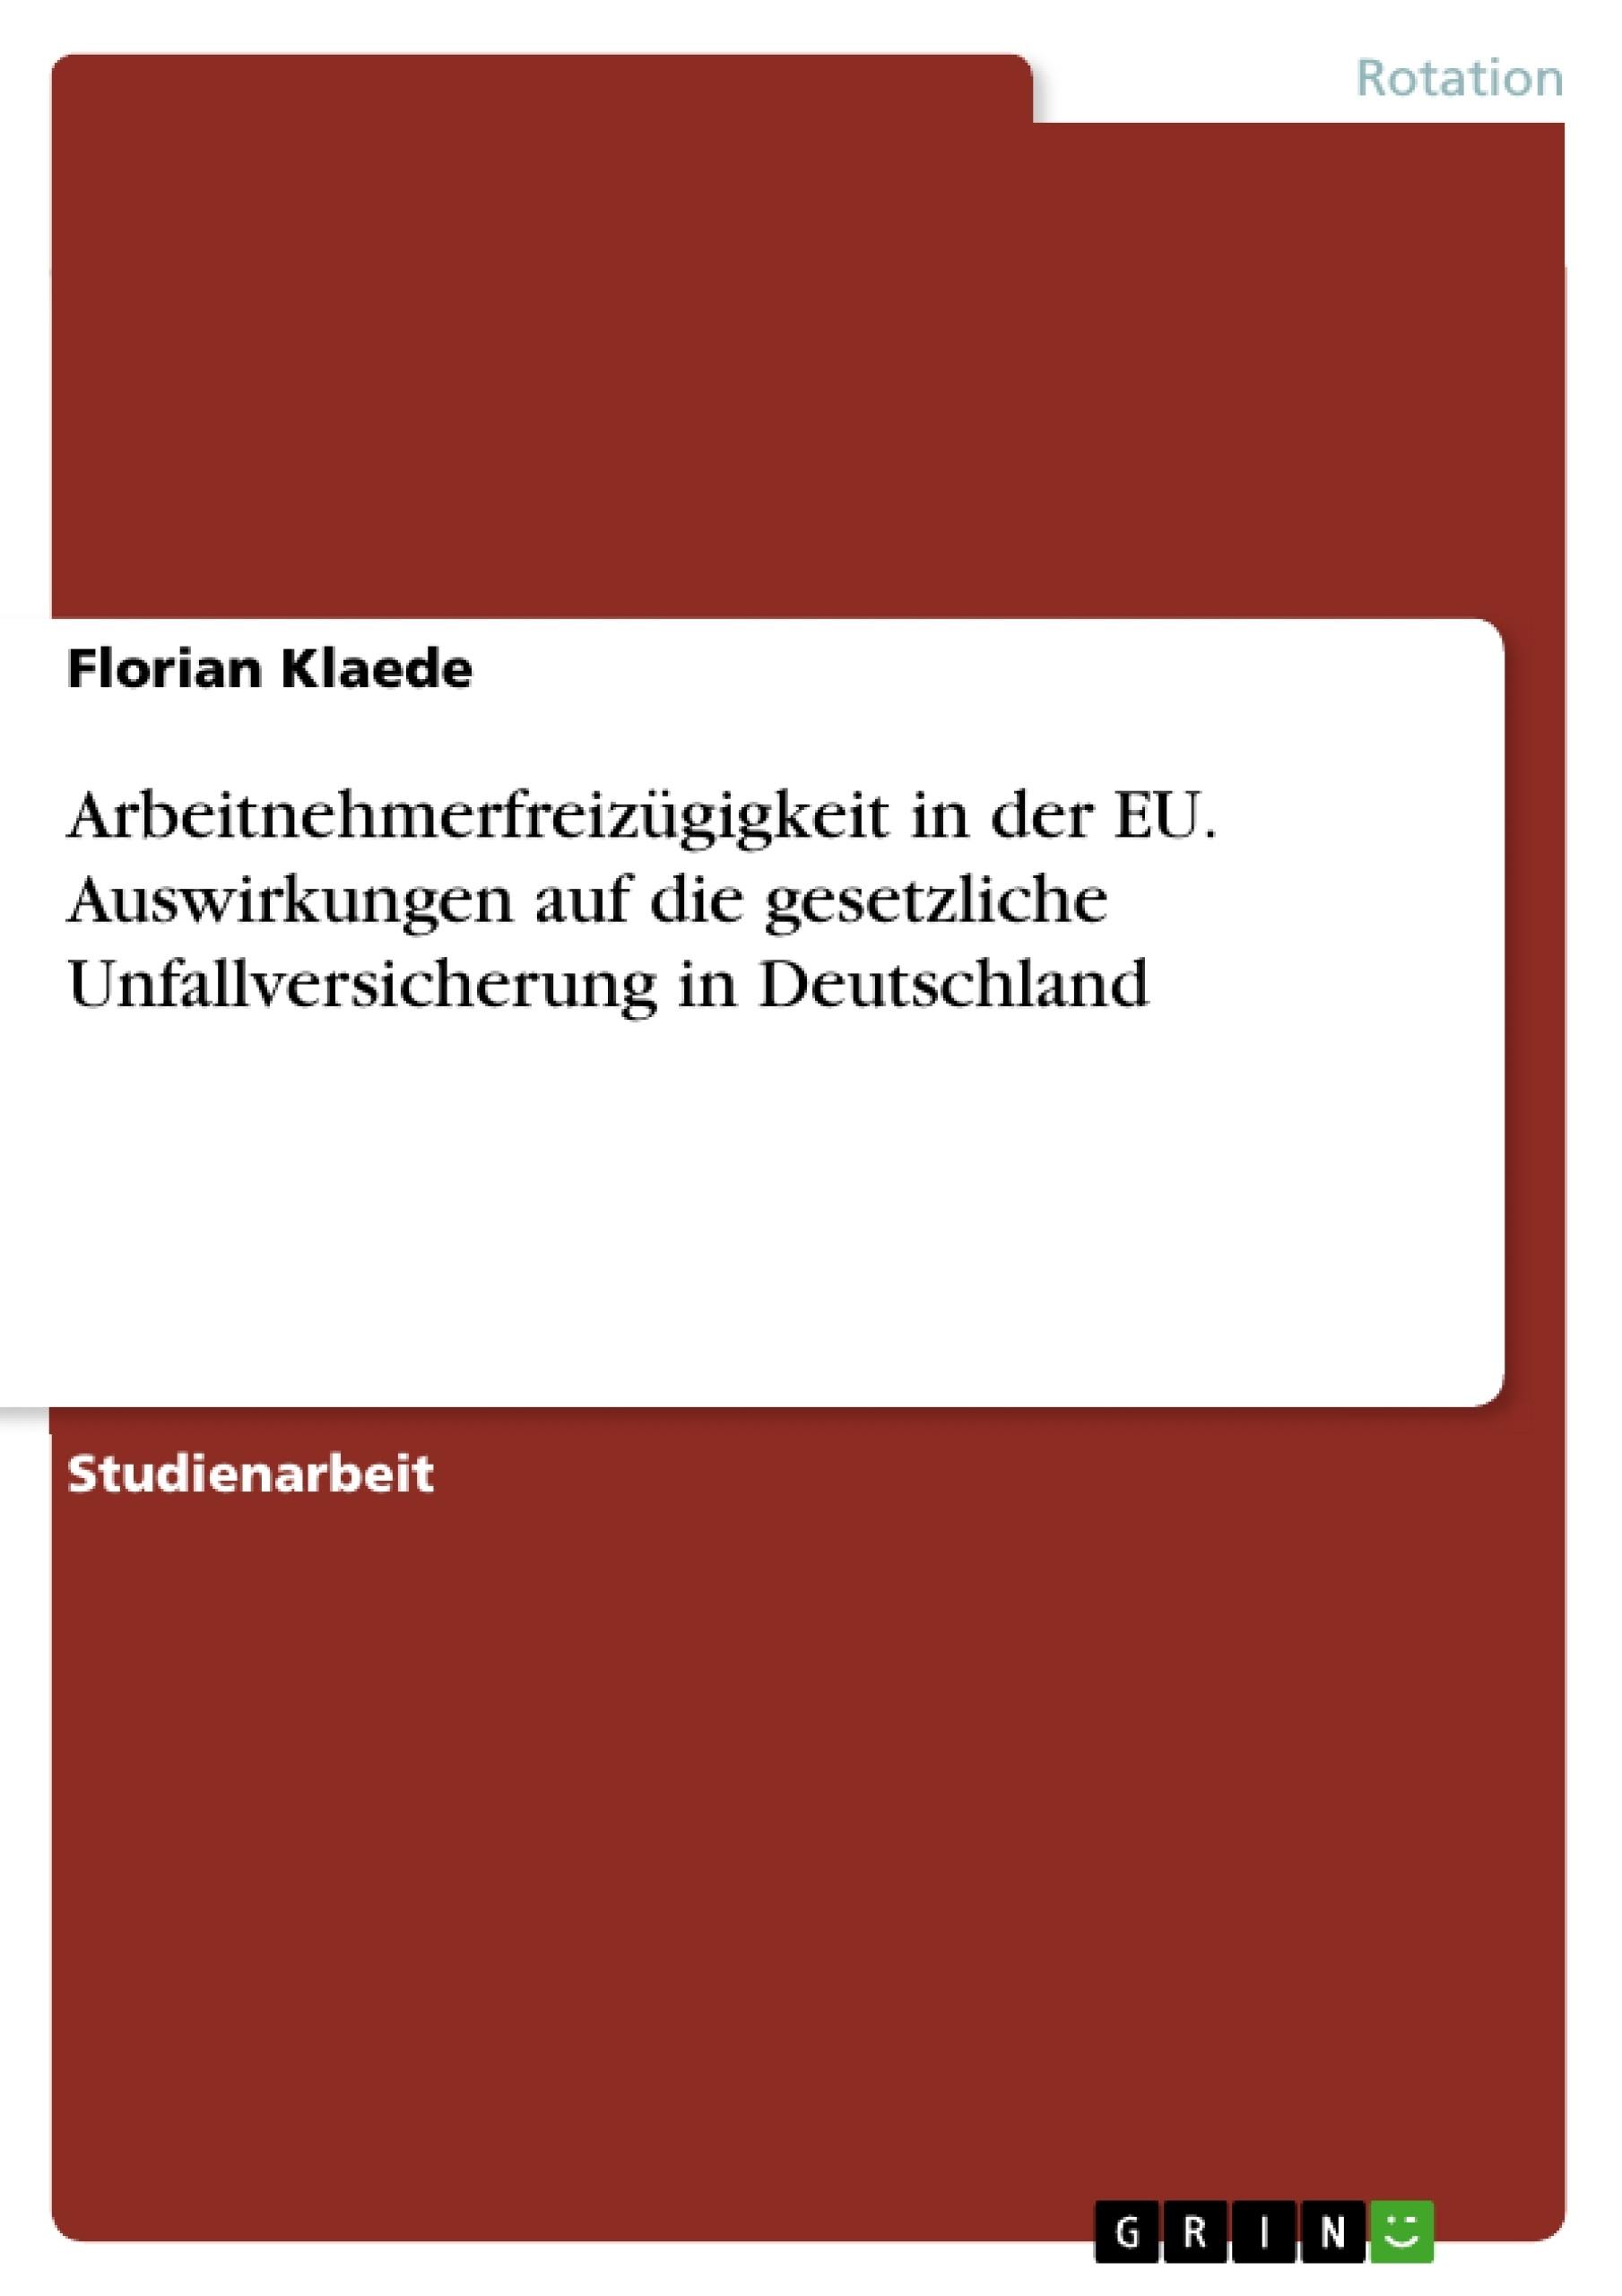 Titel: Arbeitnehmerfreizügigkeit in der EU. Auswirkungen auf die gesetzliche Unfallversicherung in Deutschland